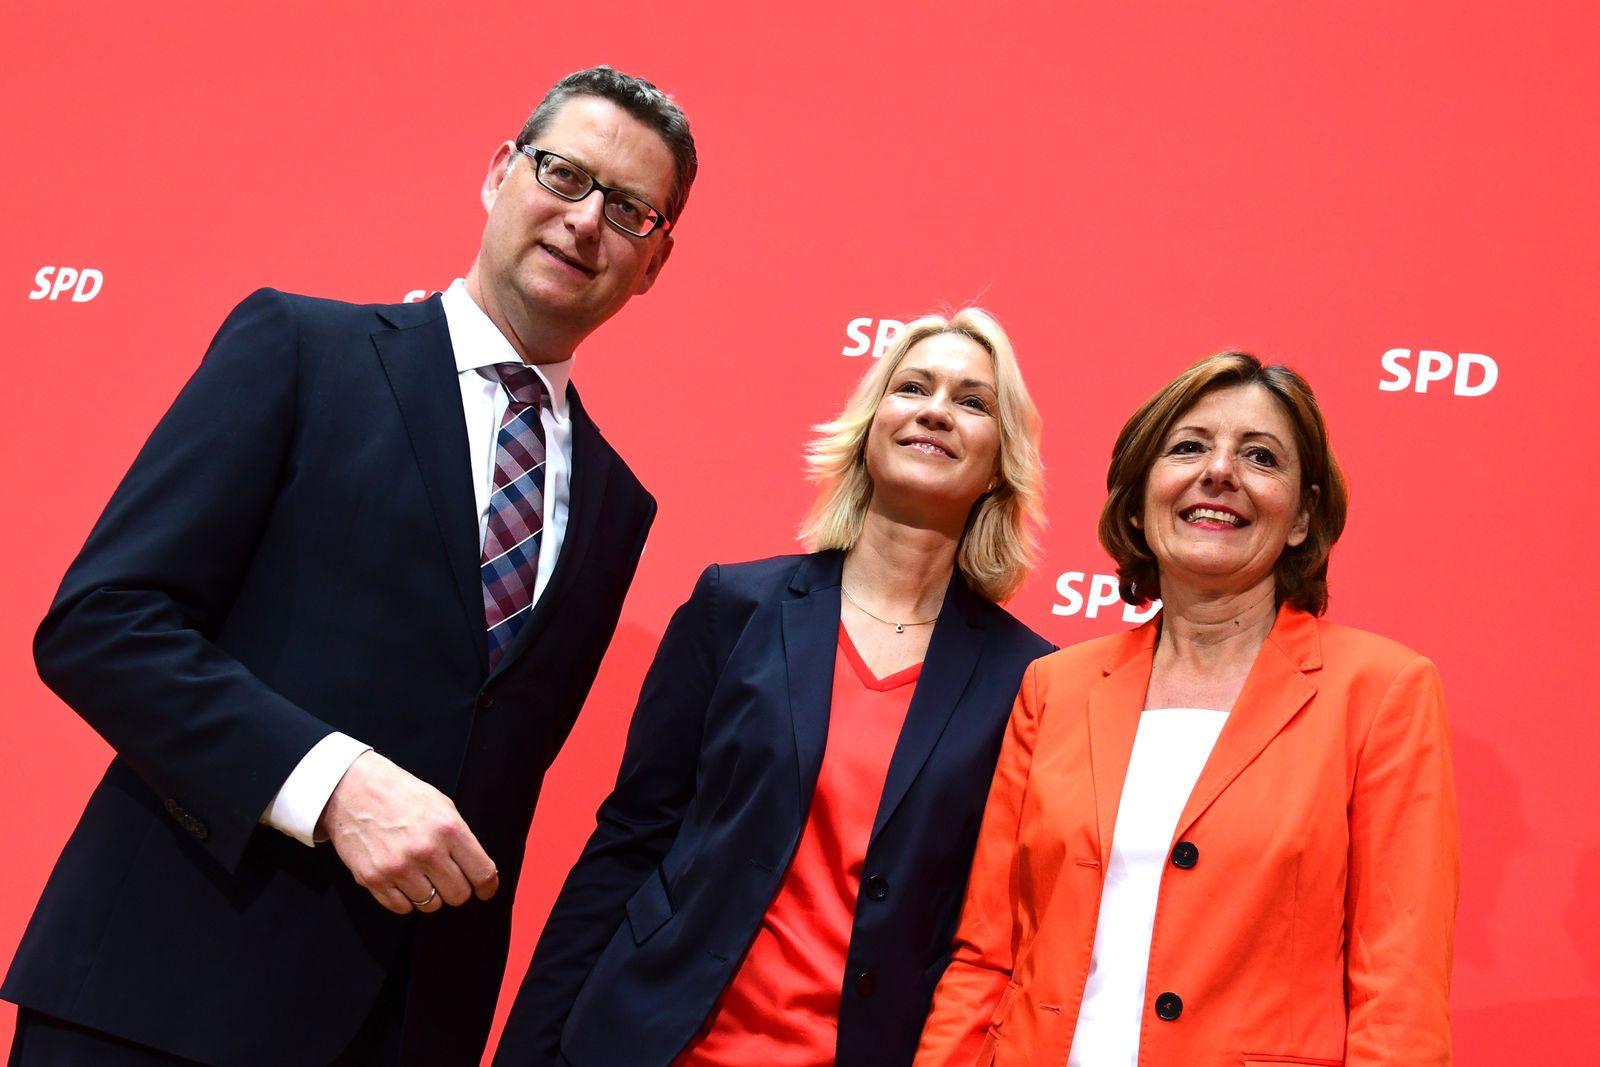 Thorsten Schäfer-Gümbel/ Manuela Schwesig/ Malu Dreyer/ SPD